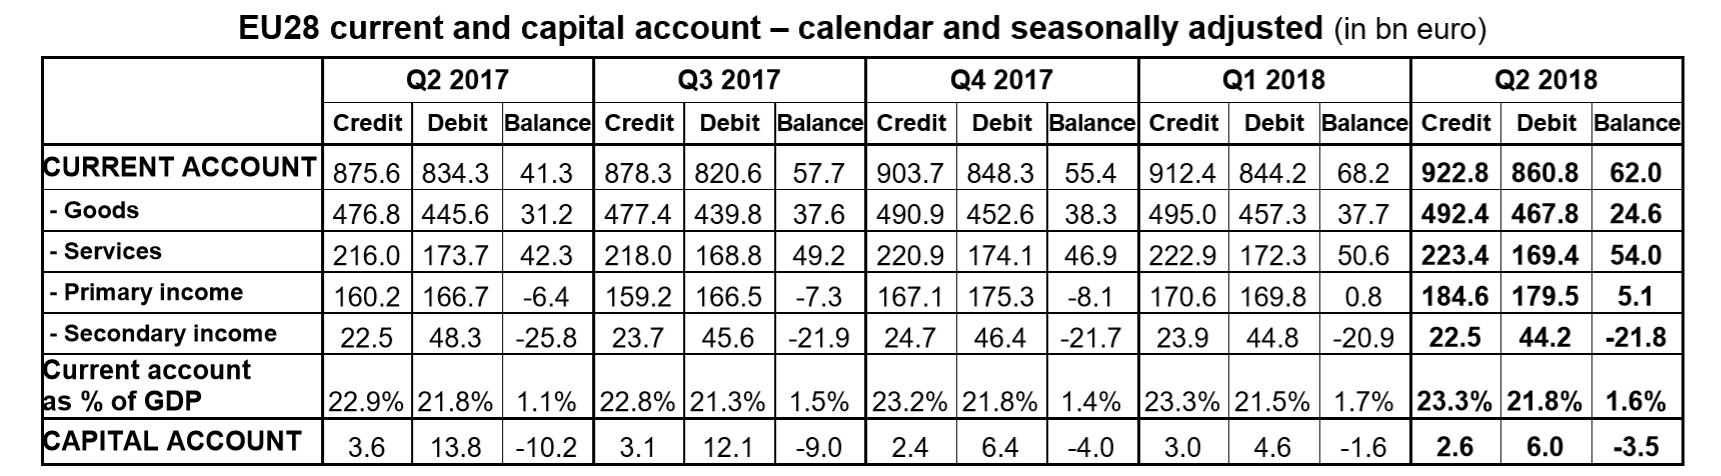 EU current account balance Q2 2018